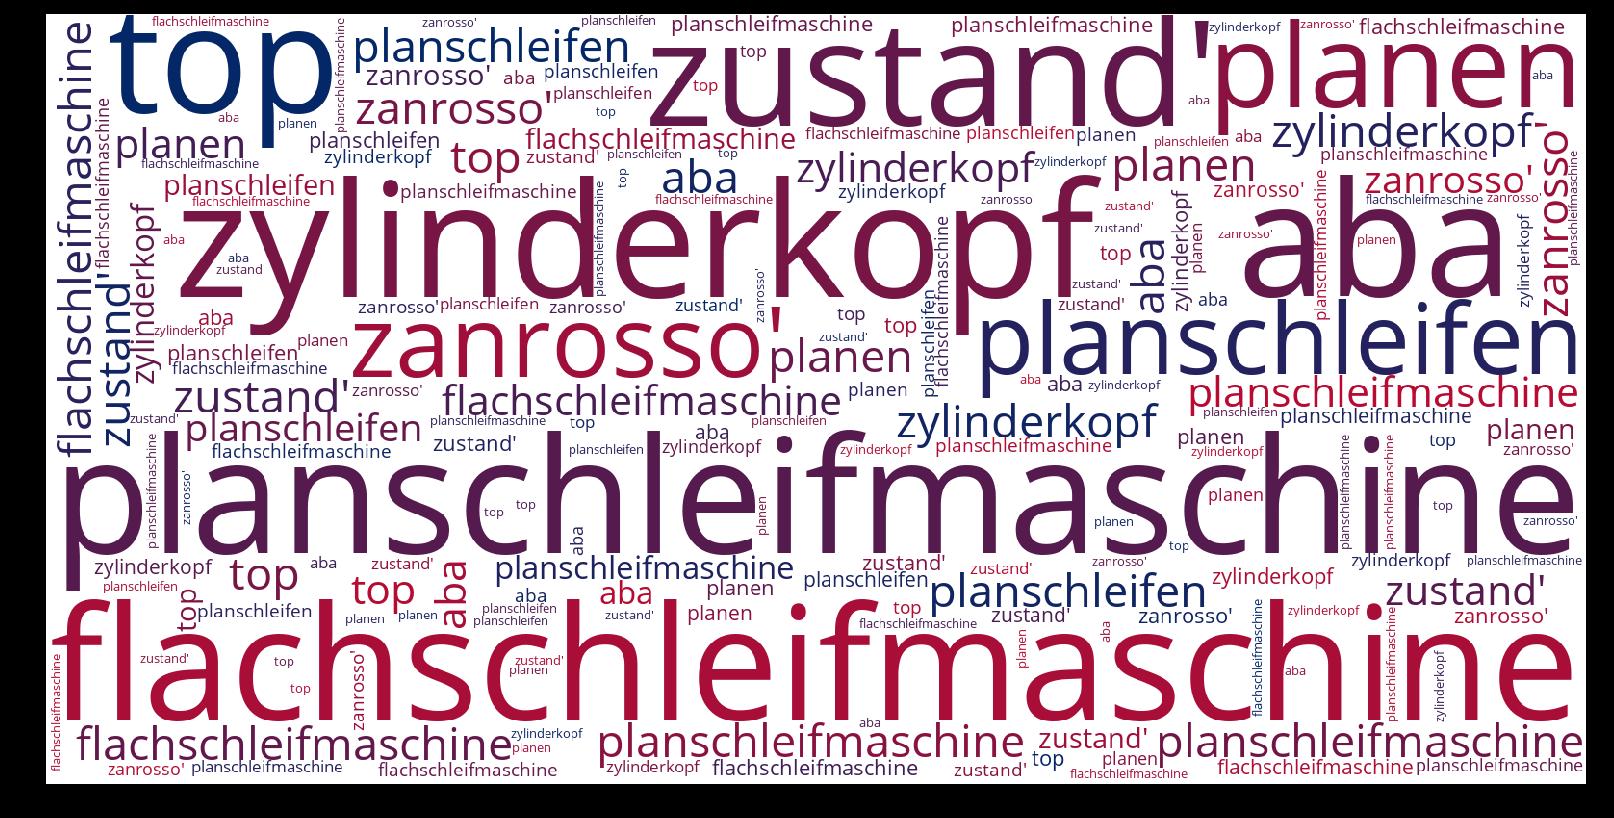 Planschleifmaschine-wordcloud